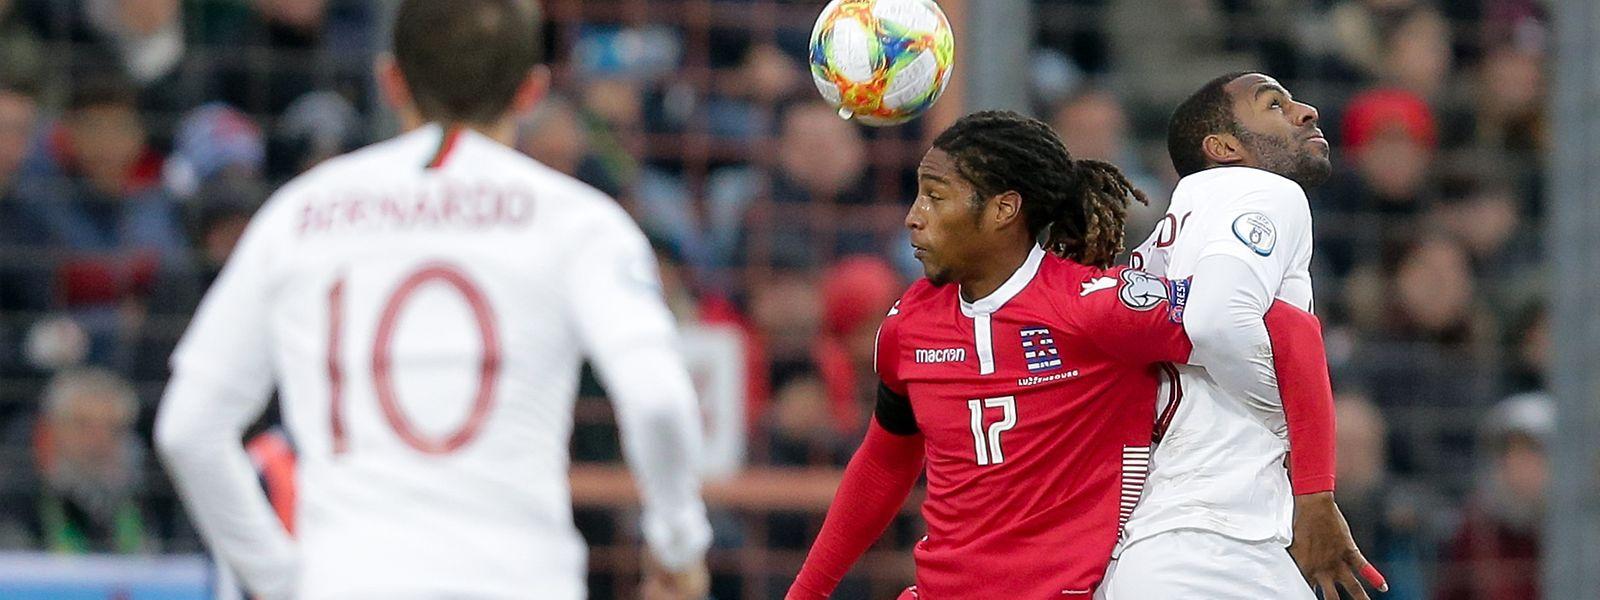 Gerson Rodrigues könnte zu einem türkischen Topclub wechseln.